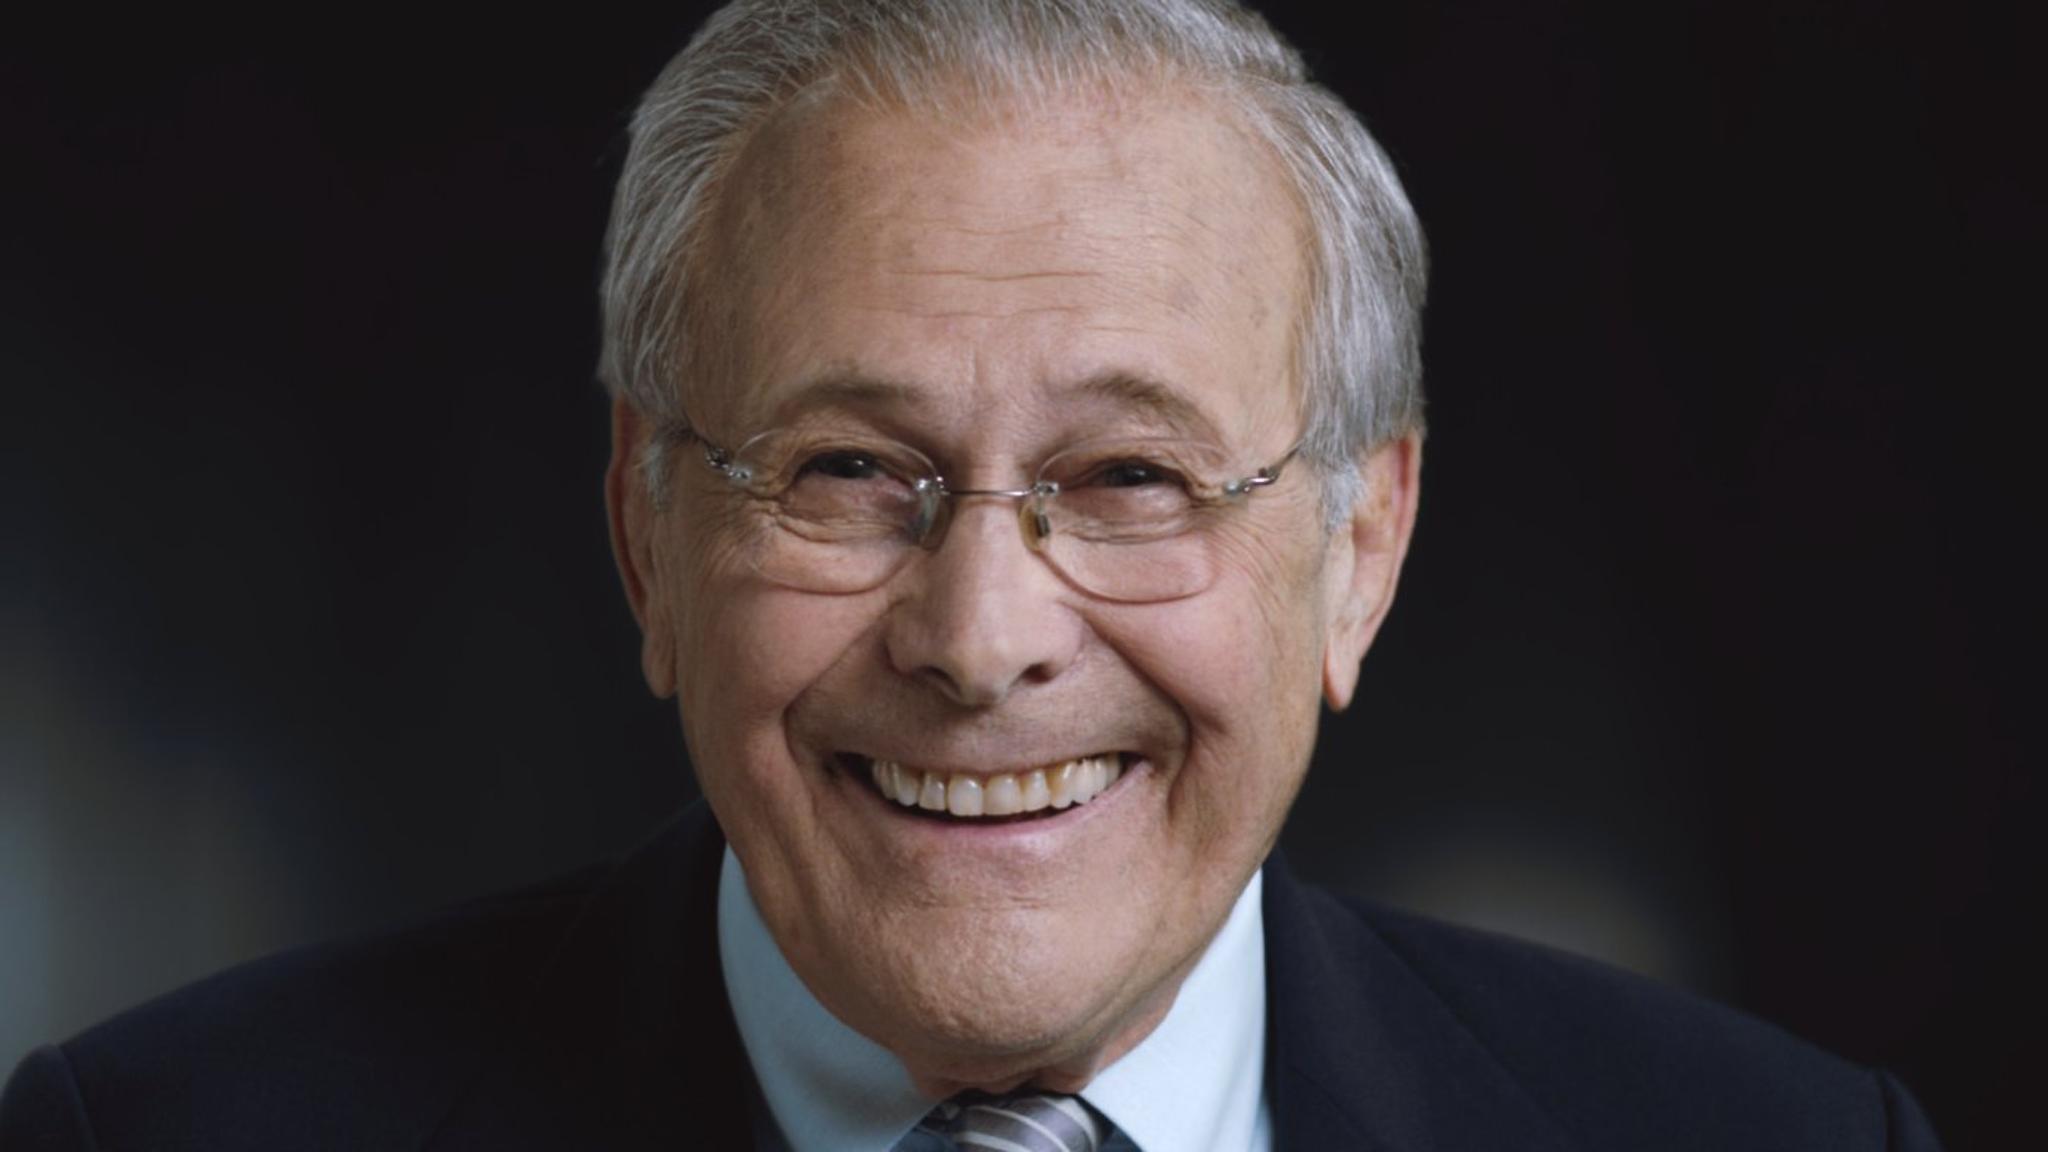 Donald Rumsfeld smiling.